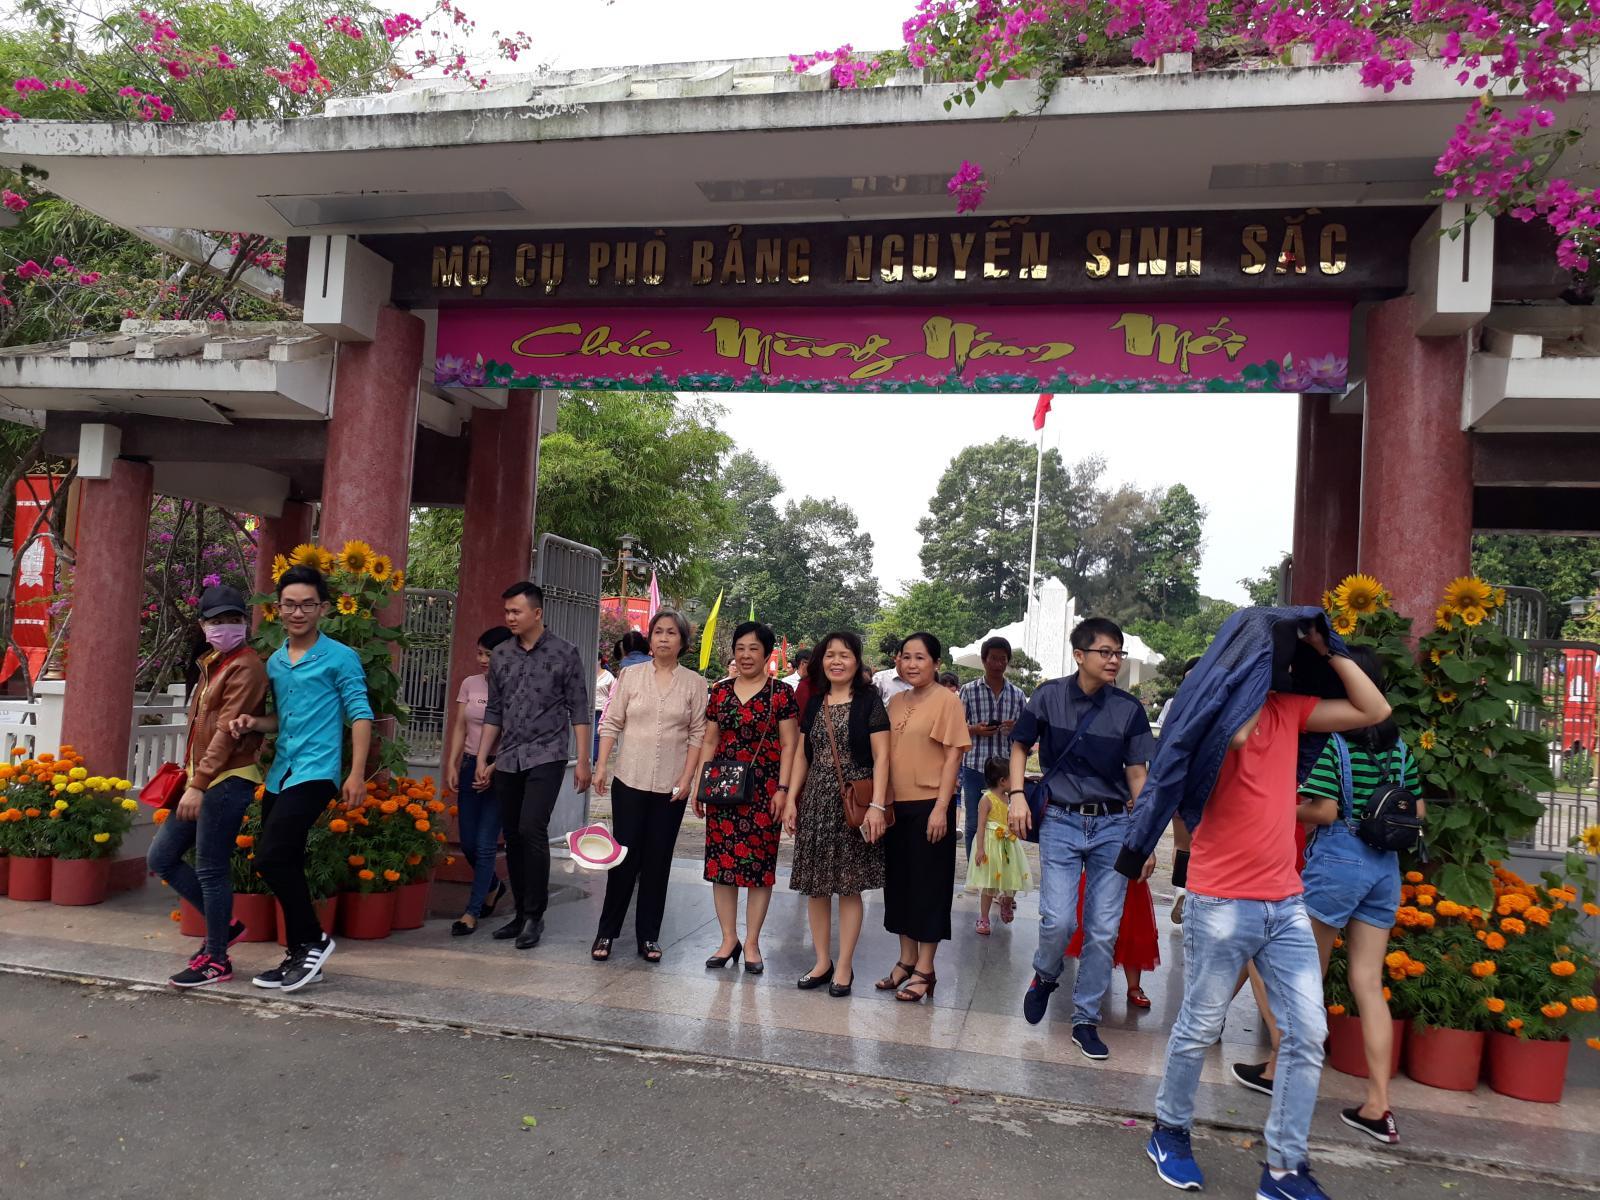 Đông đảo du khách tham quan Khu di tích Nguyễn Sinh Sắc trong dịp Xuân Mậu Tuất năm 2018